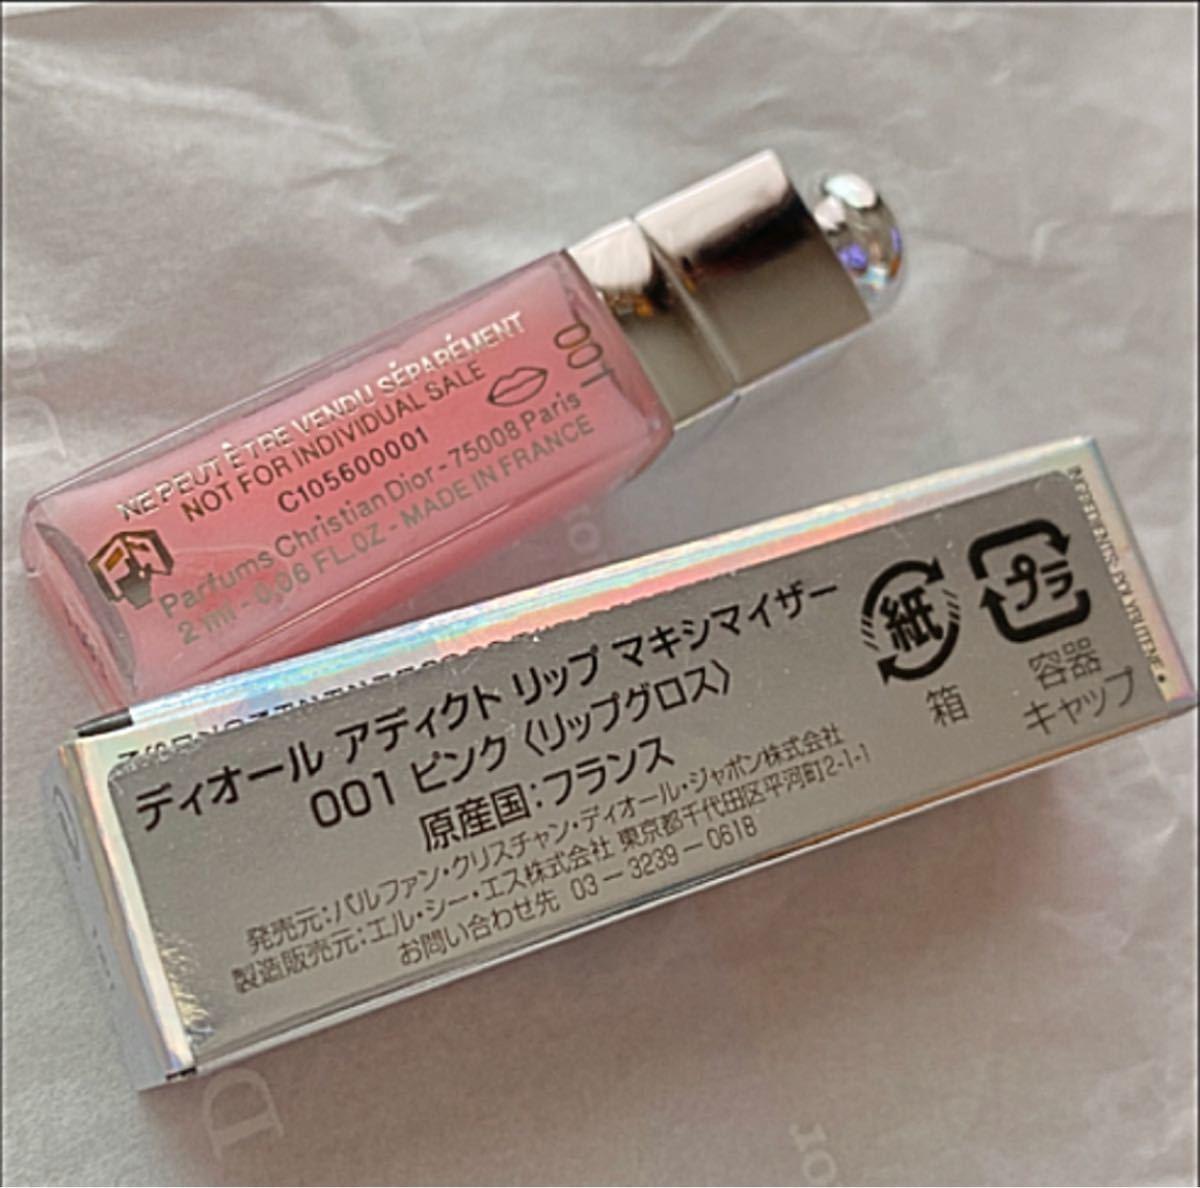 ディオール アディクト リップ マキシマイザー ミニサイズ001 ピンク箱付き 新品未使用 匿名便発送